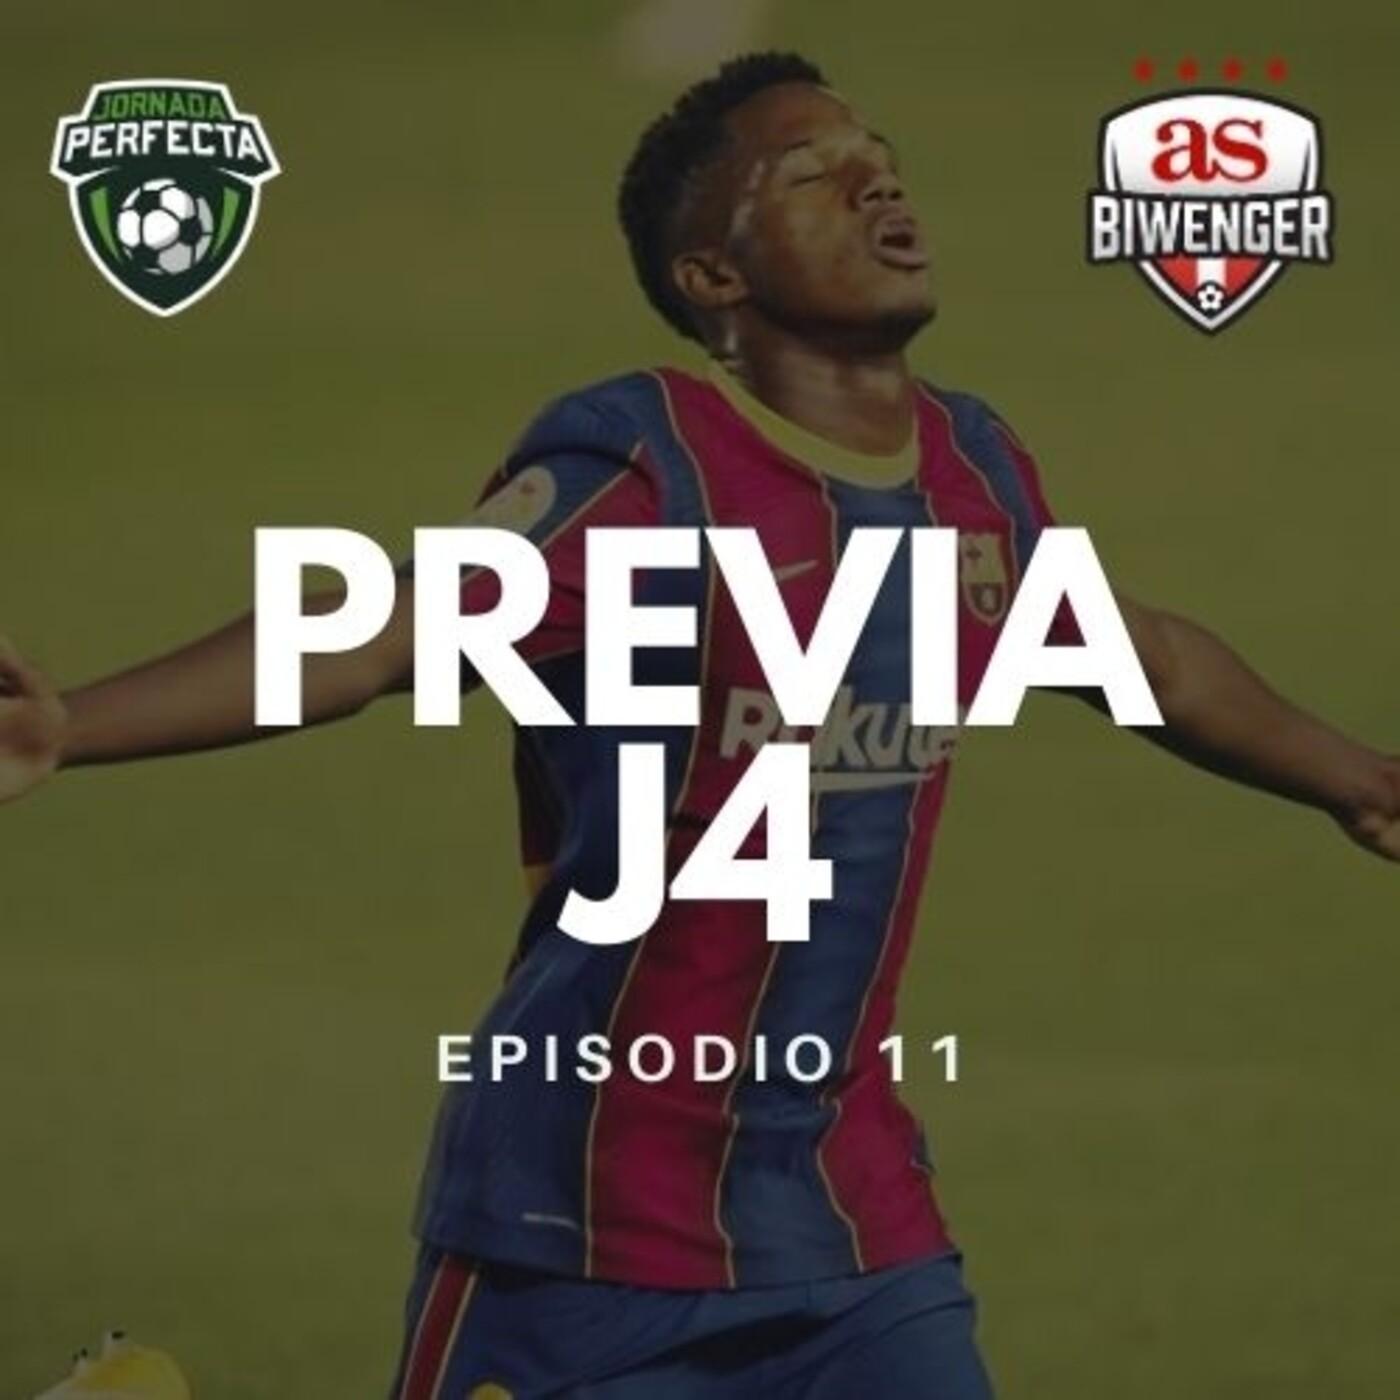 3x11 - LA PREVIA BIWENGER DE LA JORNADA 4